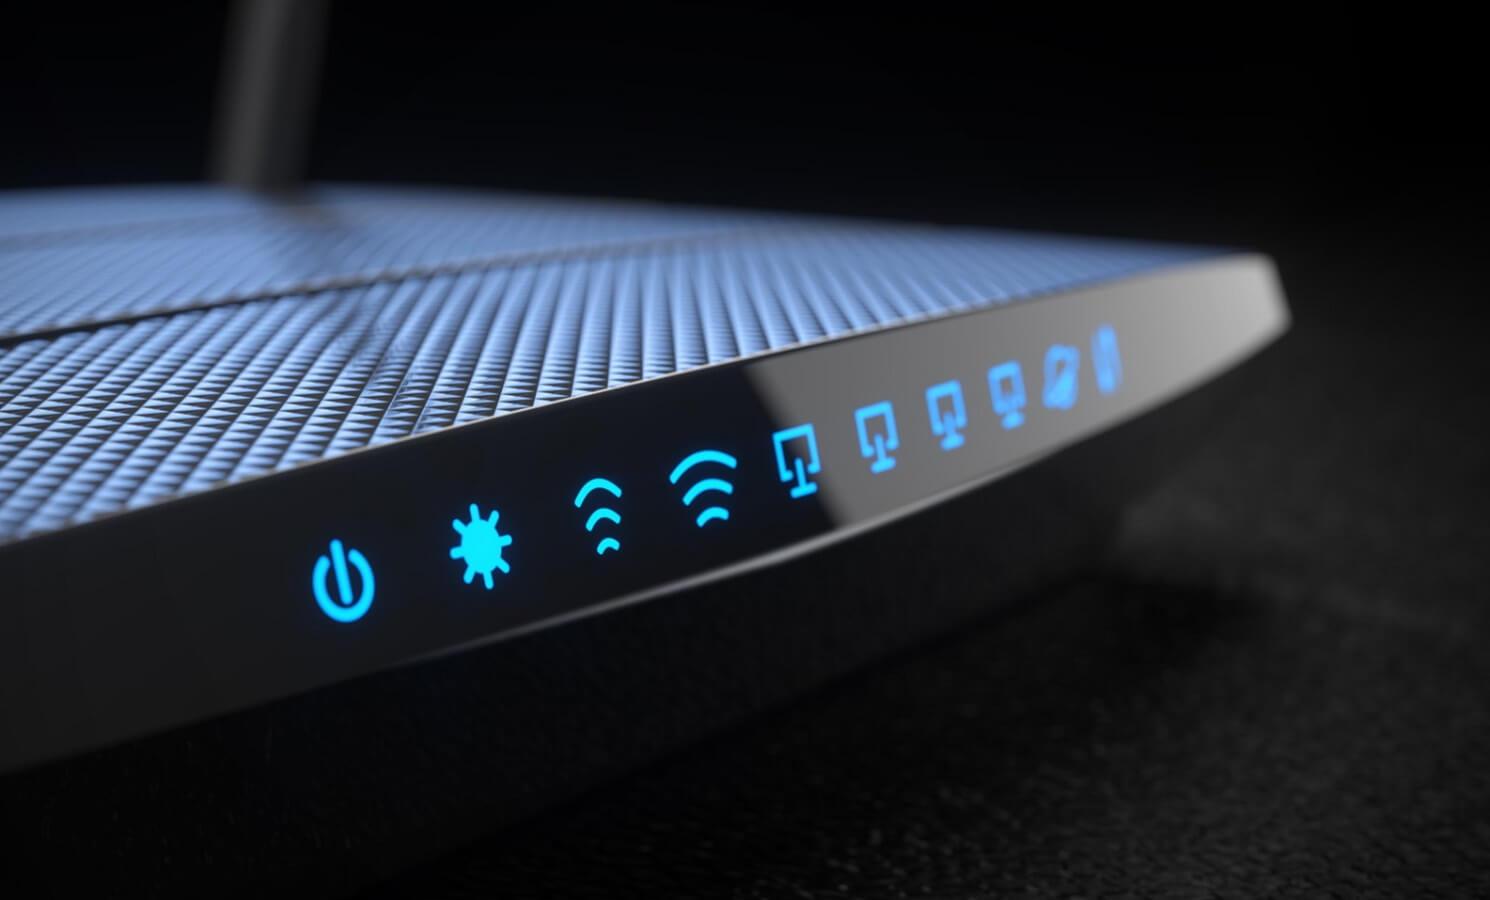 Máxima seguridad WiFi con el nuevo protocolo WPA3: qué es y qué mejoras trae consigo